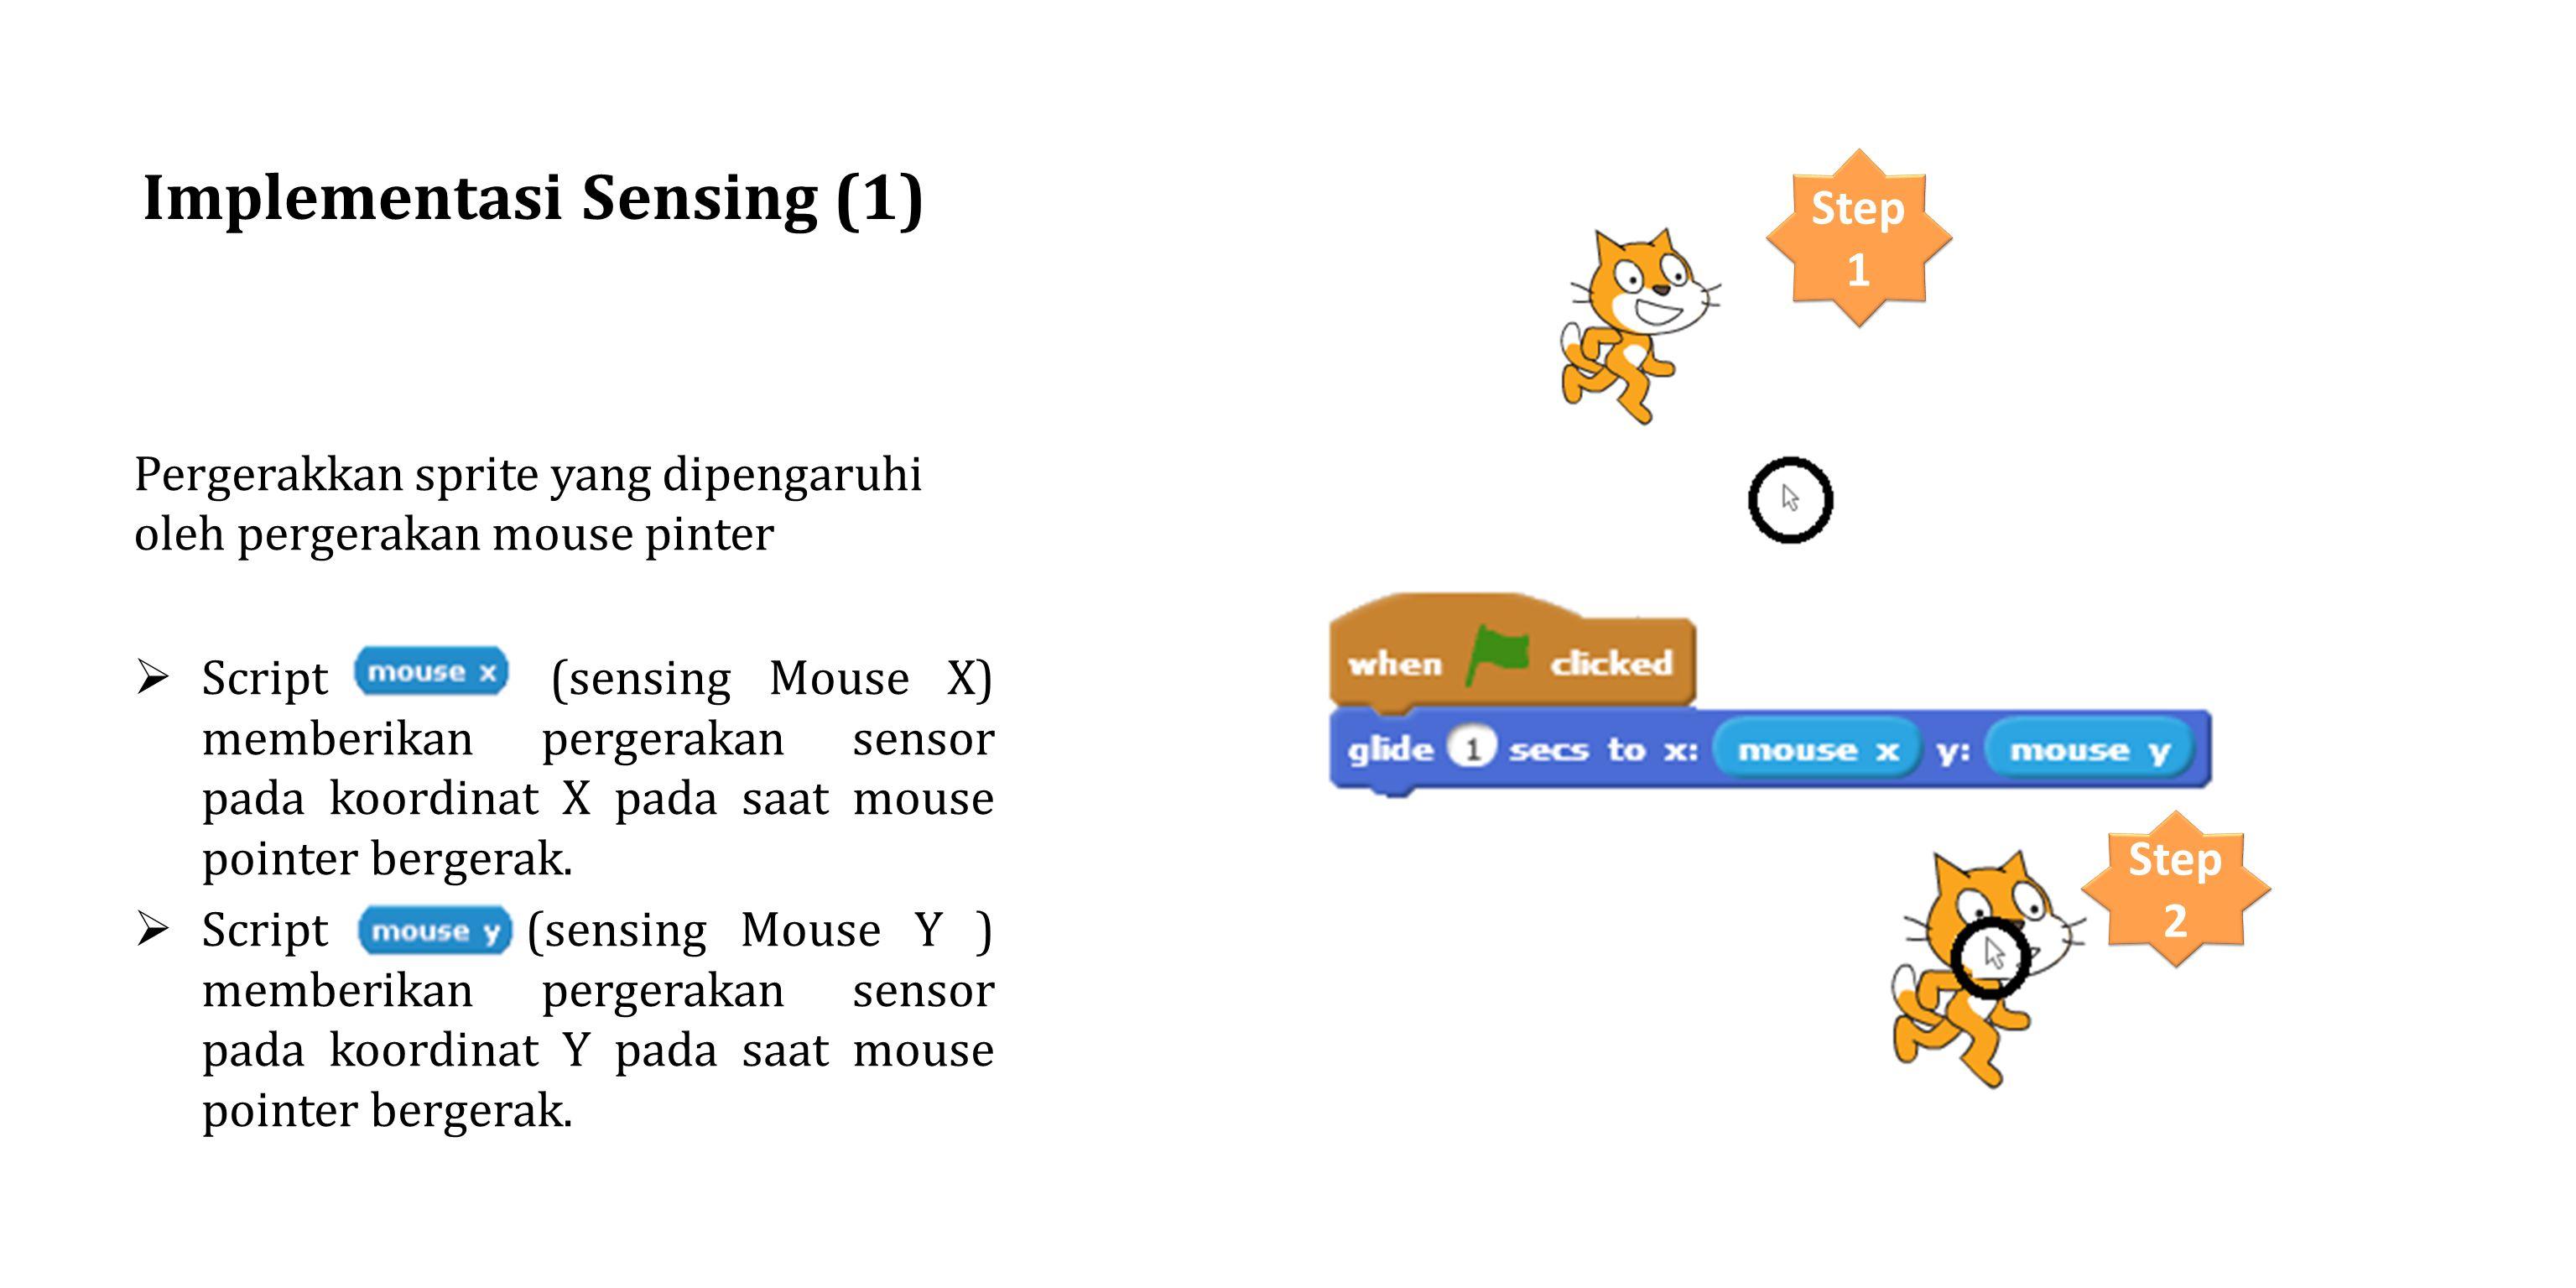 Step 1 Implementasi Sensing (1) Pergerakkan sprite yang dipengaruhi oleh pergerakan mouse pinter  Script (sensing Mouse X) memberikan pergerakan sensor pada koordinat X pada saat mouse pointer bergerak.